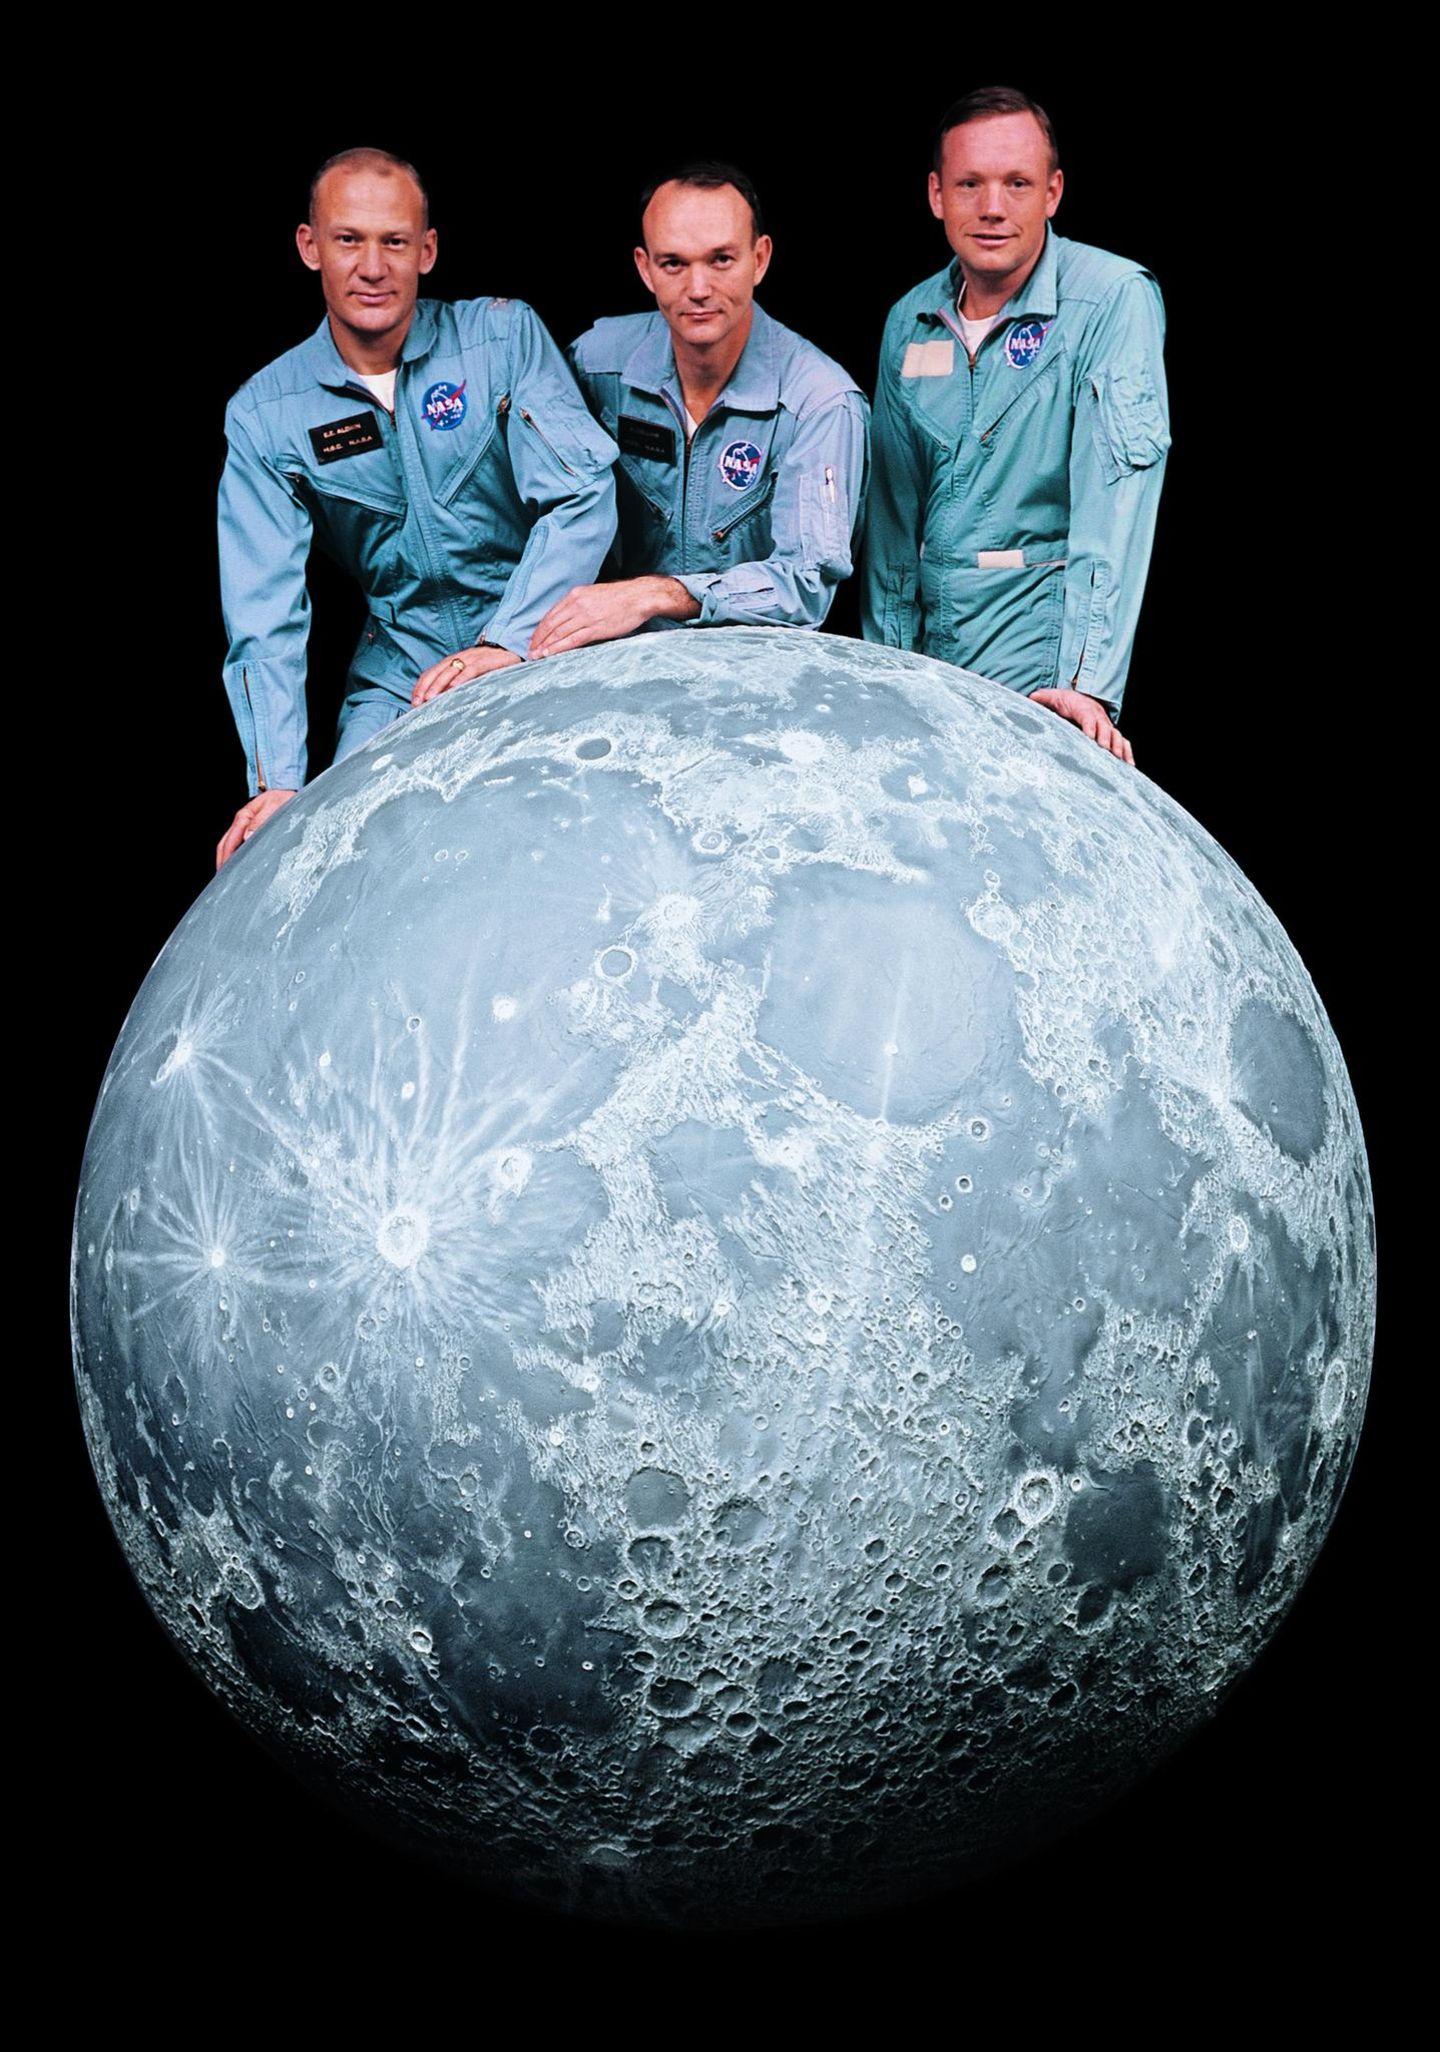 Die Besatzung der Apollo-11-Mission (v.l.n.r.): Buzz Aldrin, Michael Collins und Neil Armstrong, der Kommandant.